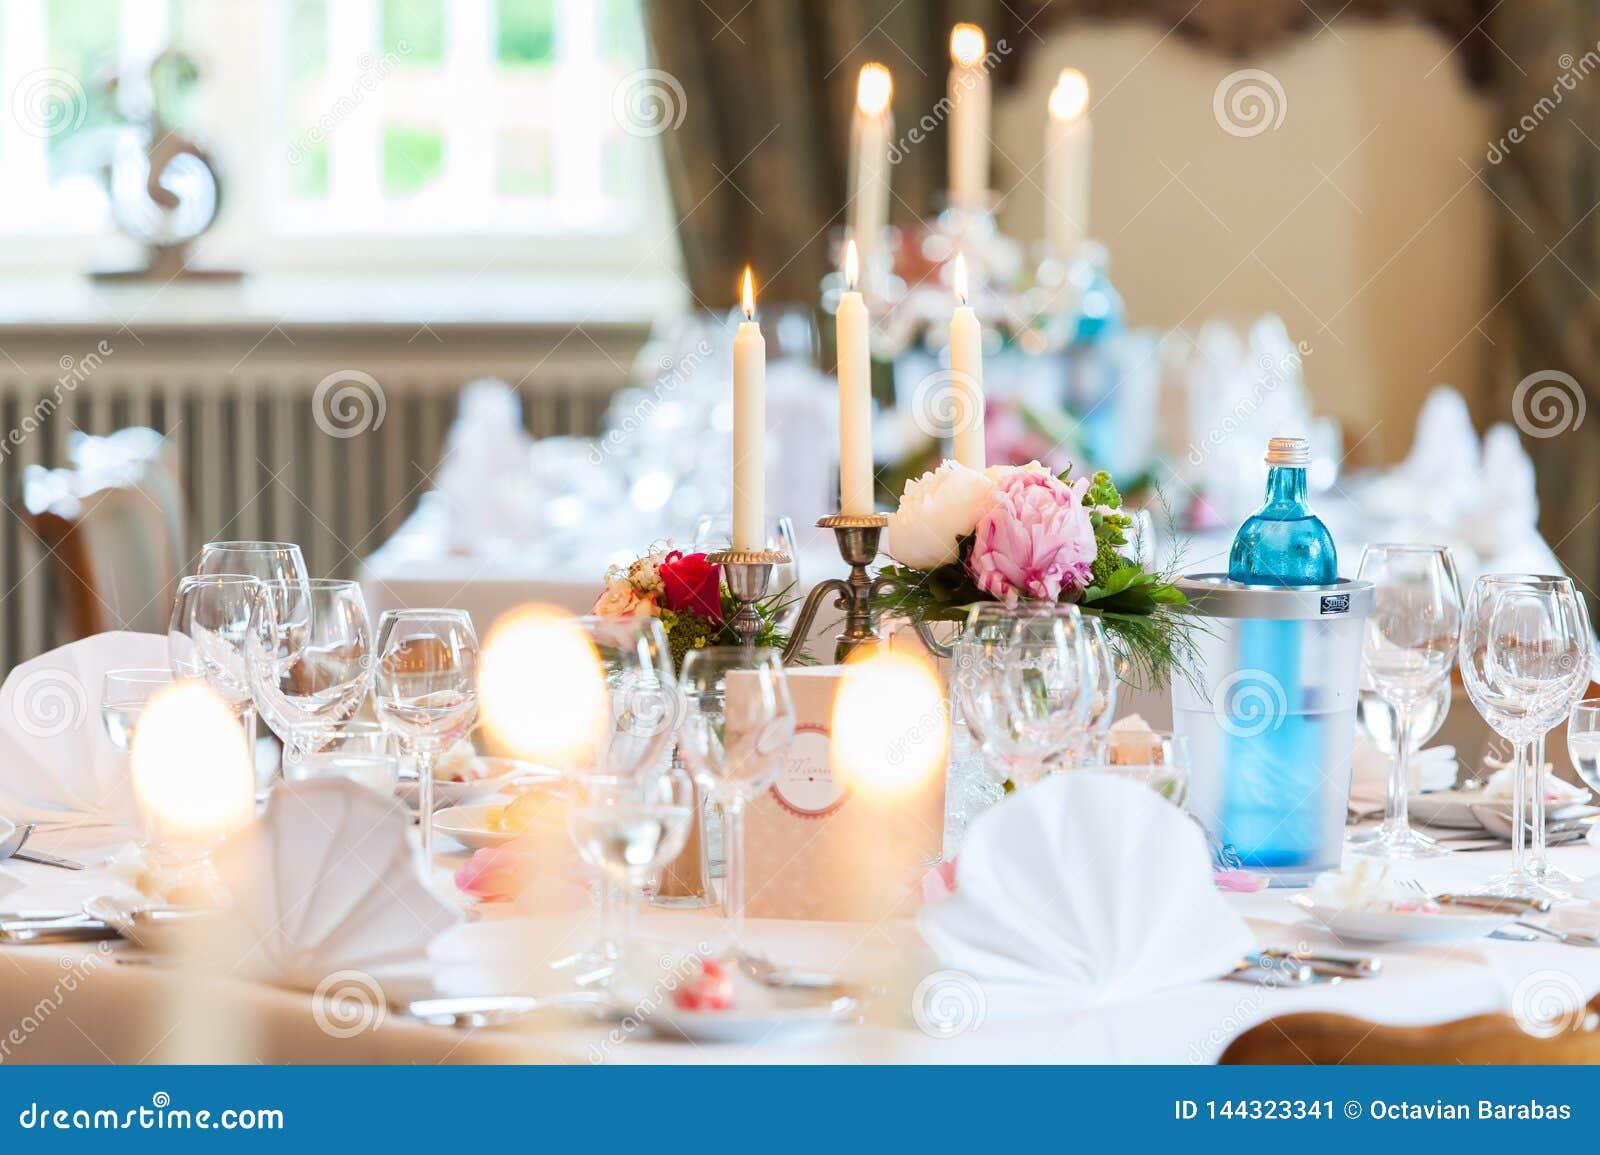 Deco De Table Bougie Épouser la décoration de table avec des bougies et des